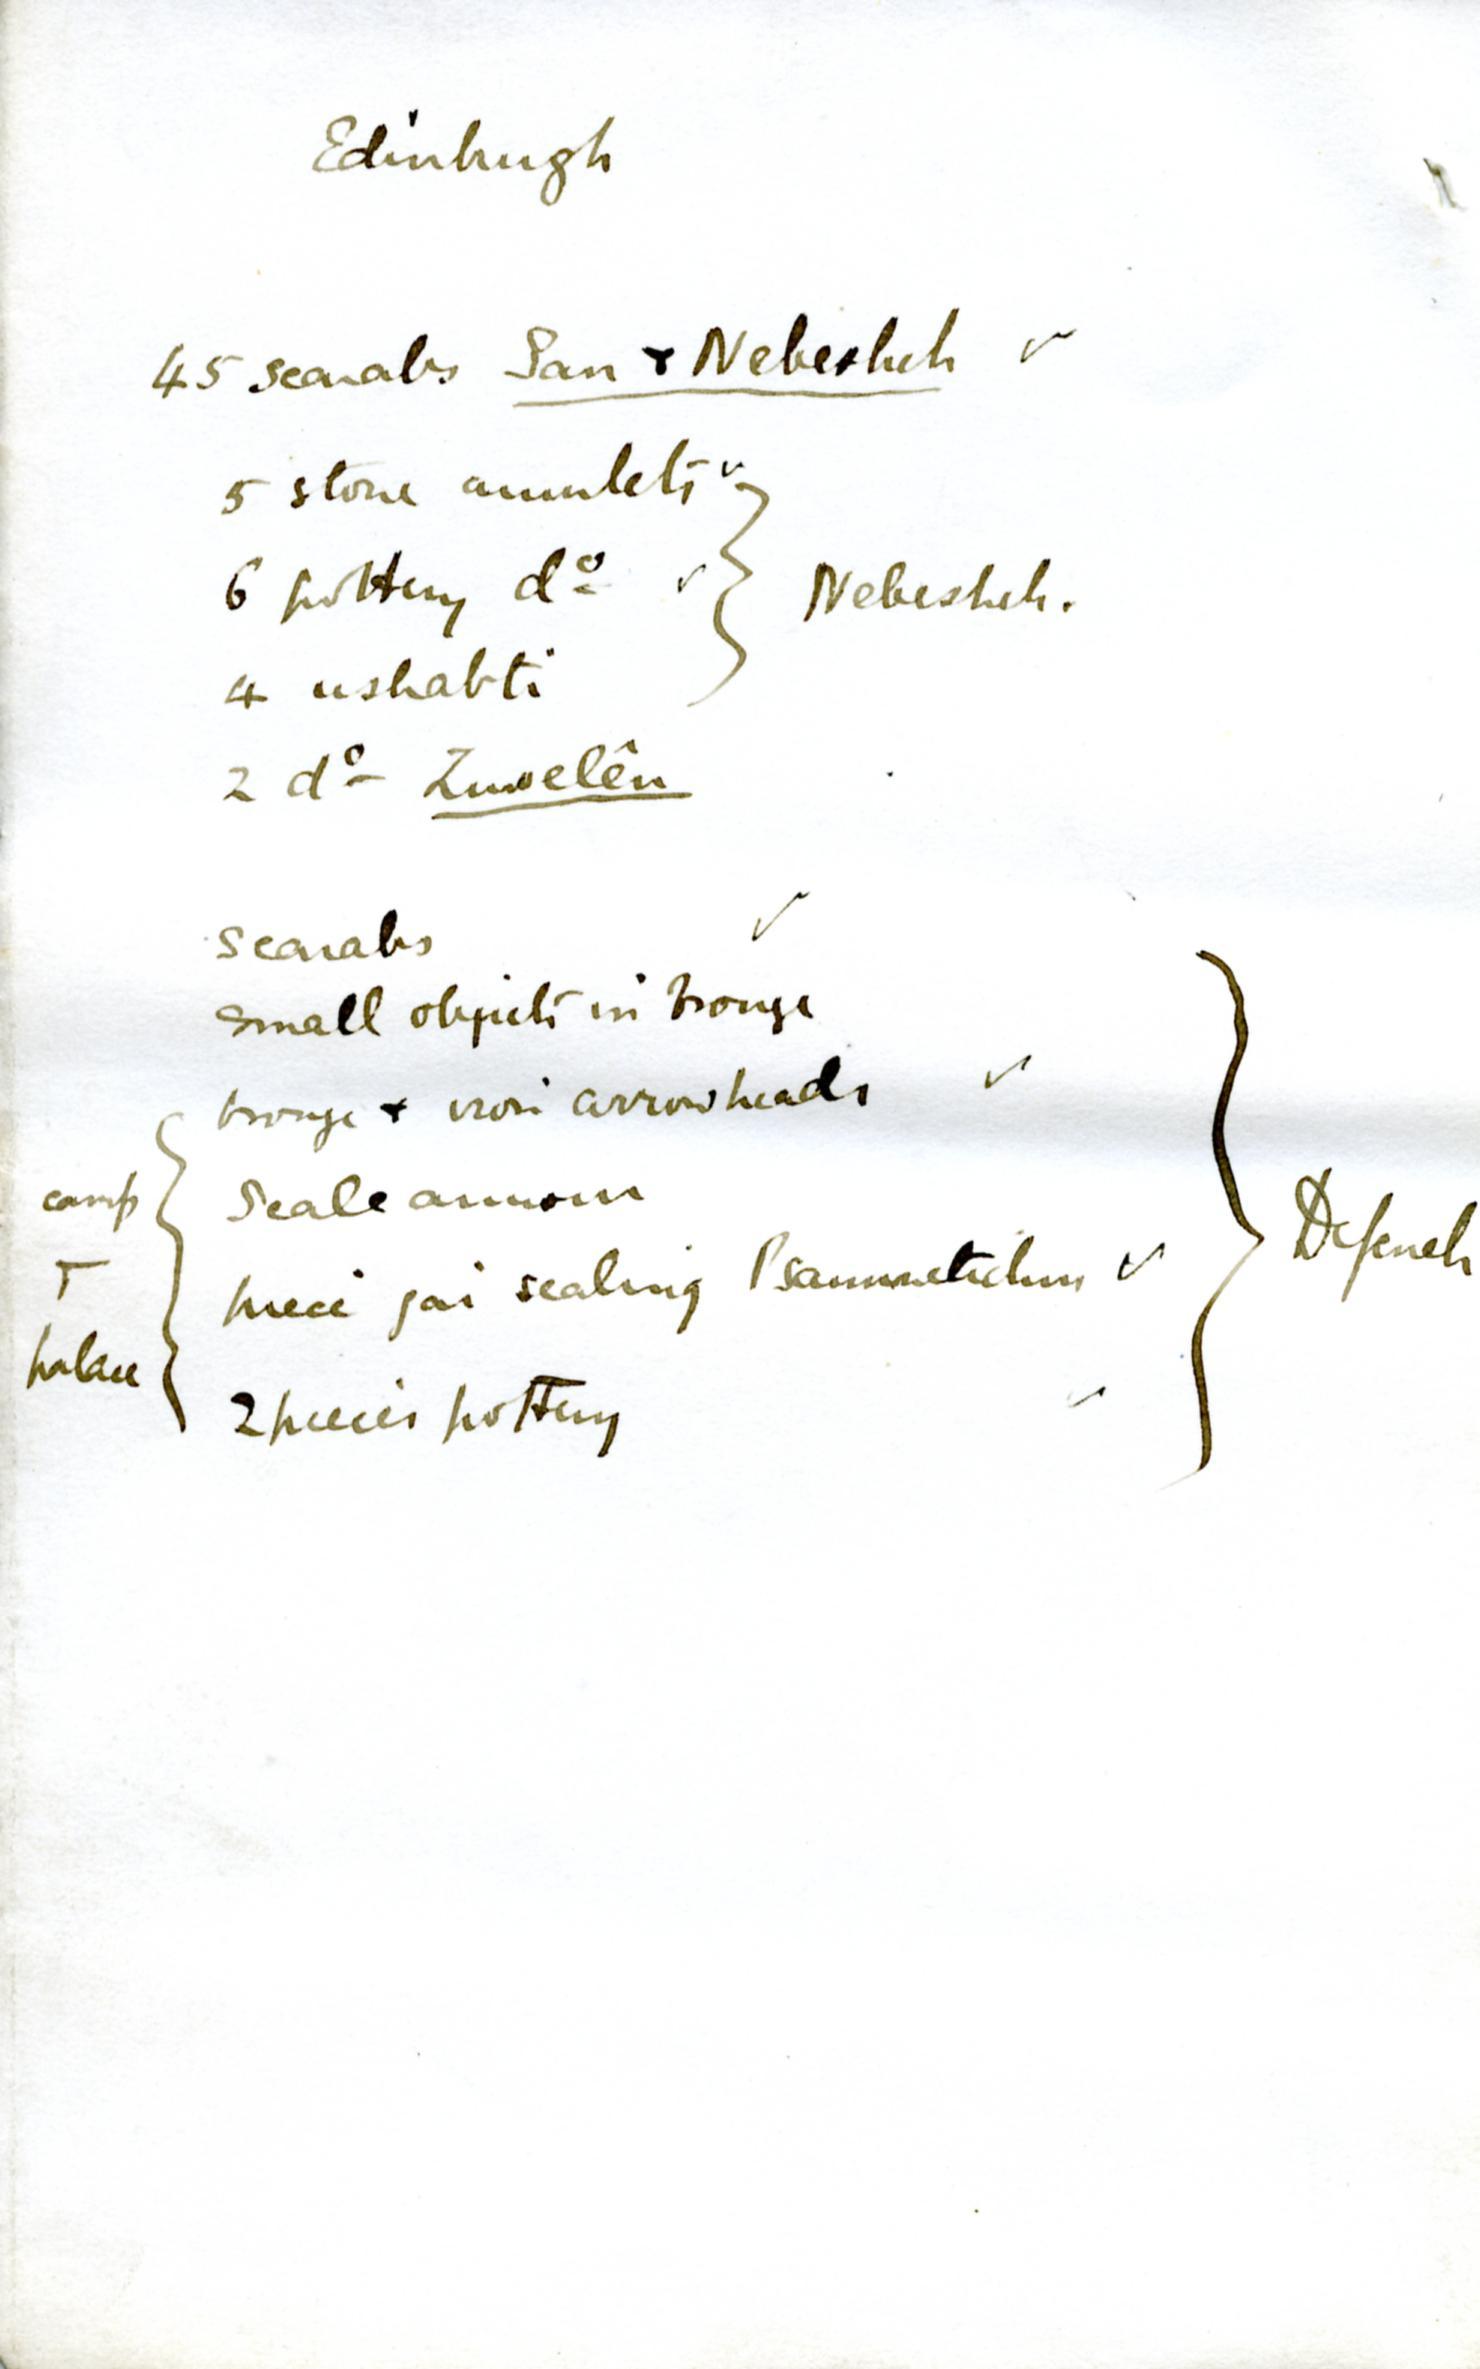 1886 Nebesheh Tell Dafana 1884 el-Qantara, Tell Gemayemi, Tell Sueilin DIST.09.09l